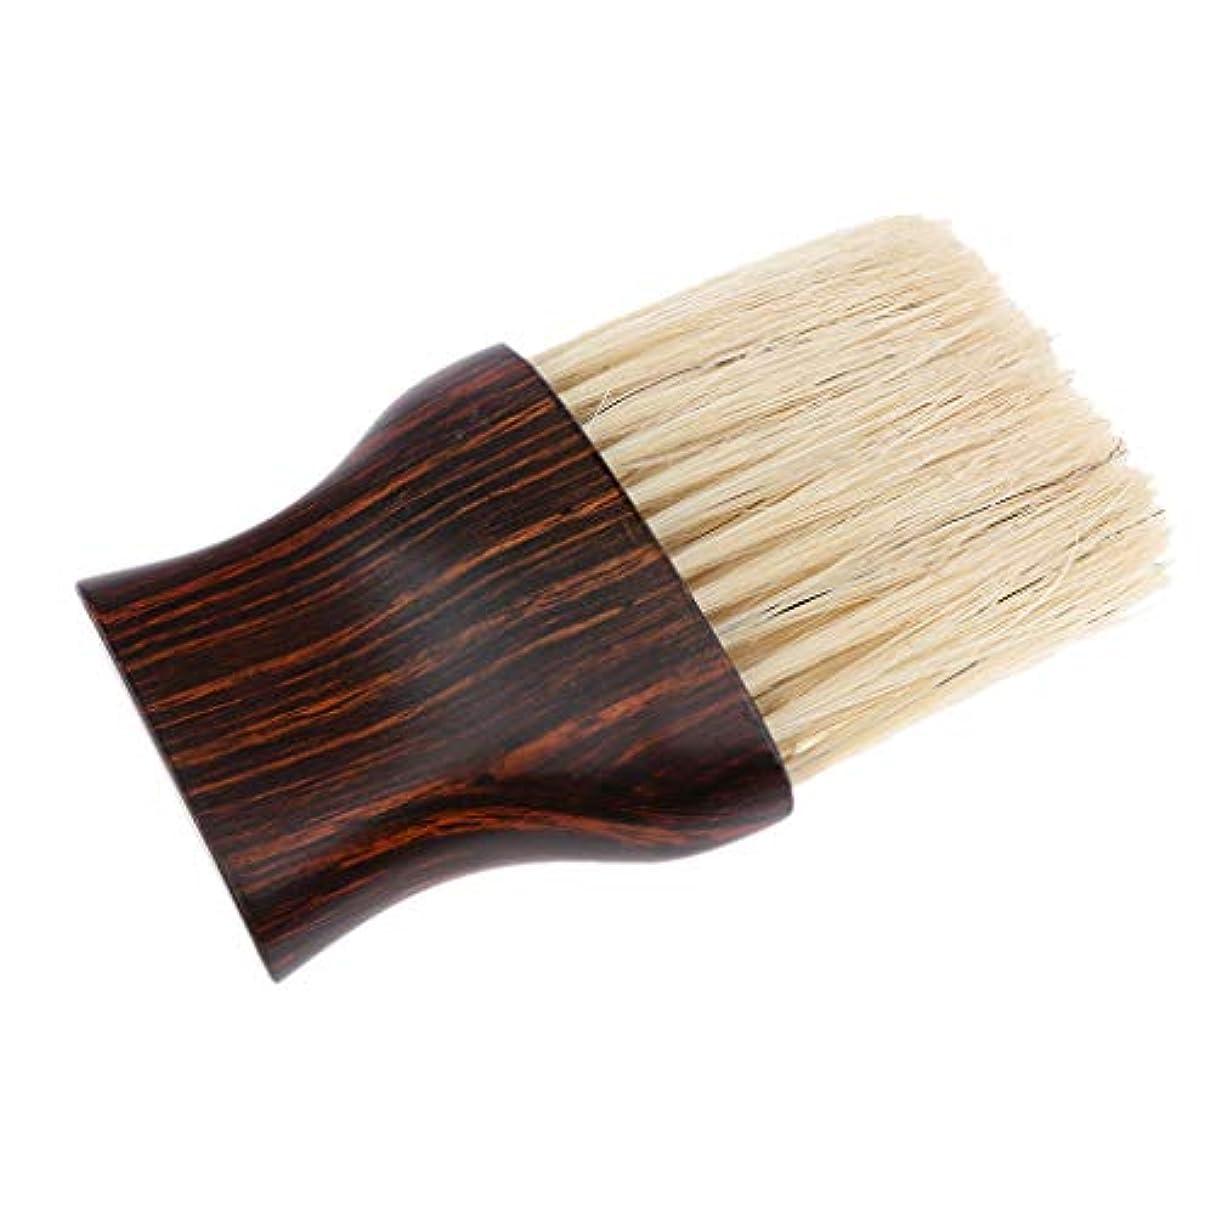 税金瞬時にチャンバーネックダスターブラシ ヘアカットブラシ クリーニング ヘアブラシ 理髪美容ツール